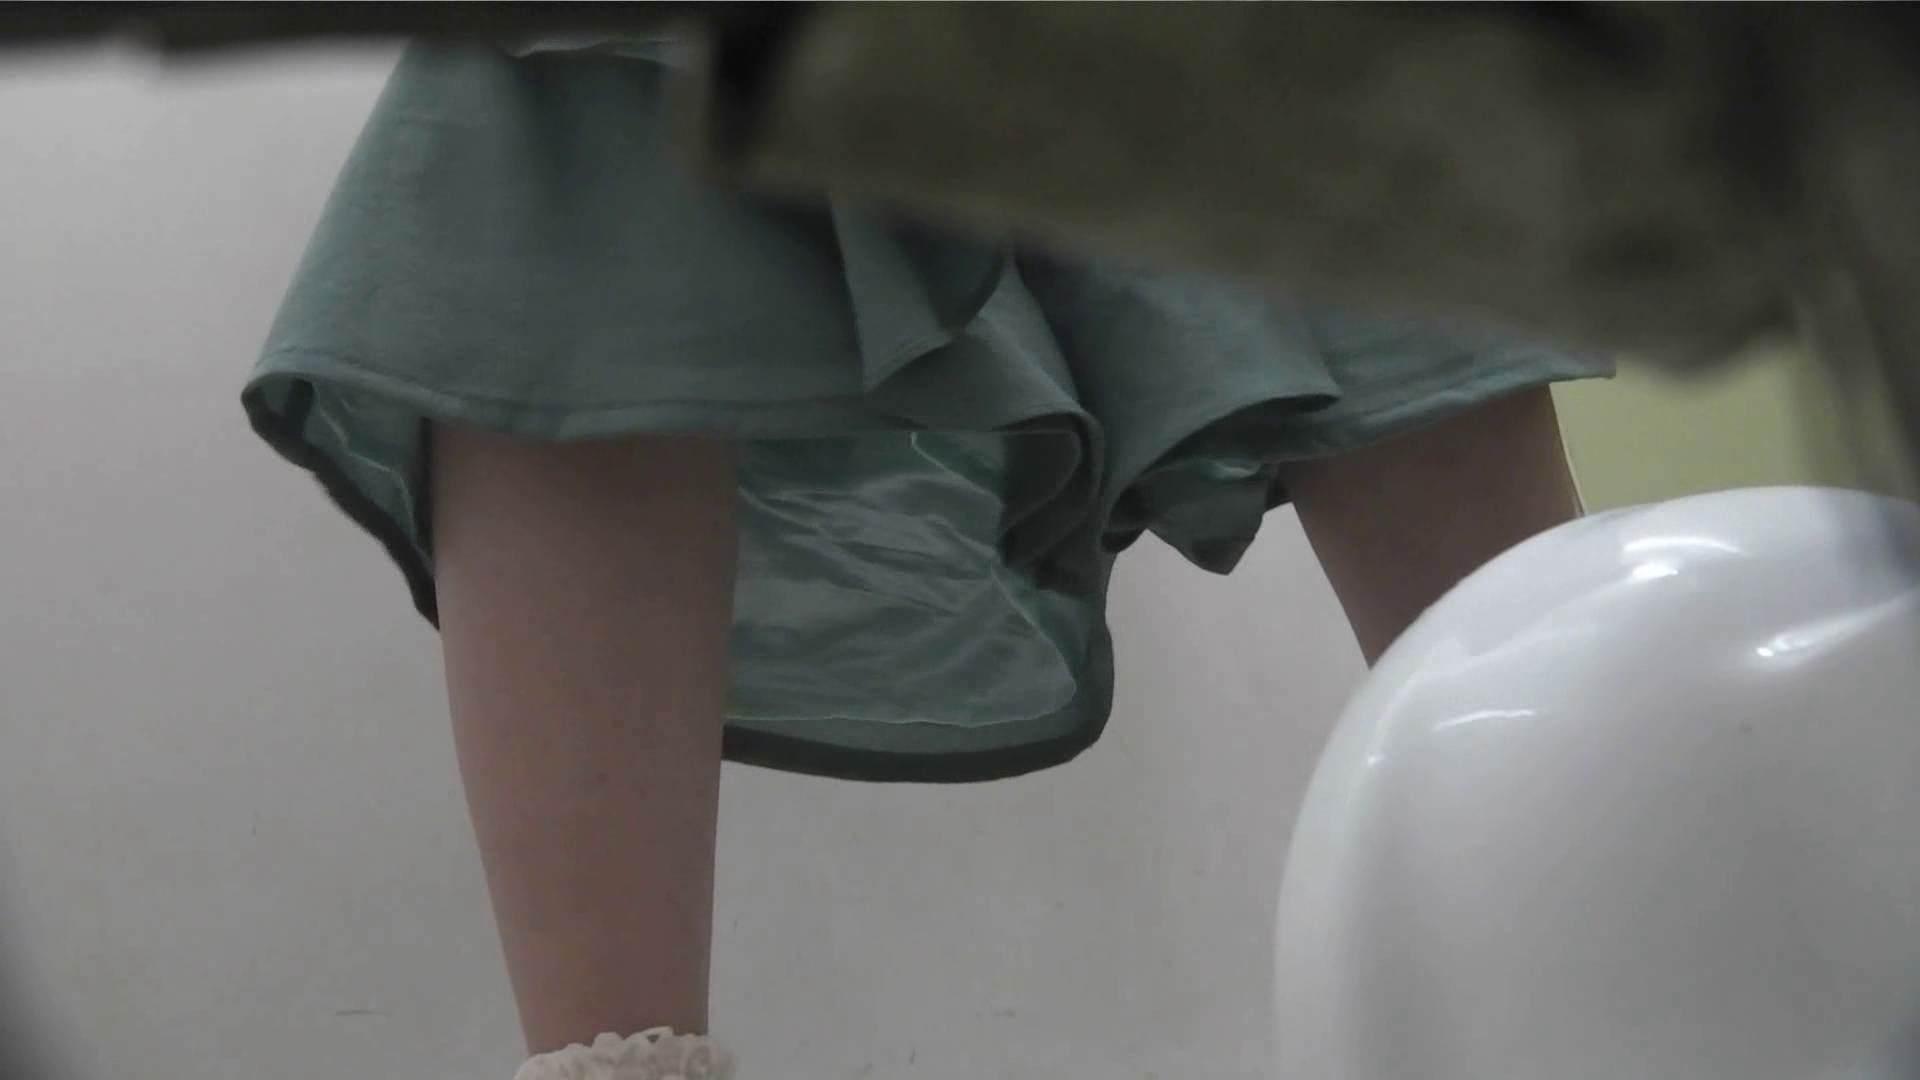 【美しき個室な世界】 vol.025 メガネ属性ヾ(´∀`)ノ 洗面所 AV動画キャプチャ 94pic 23